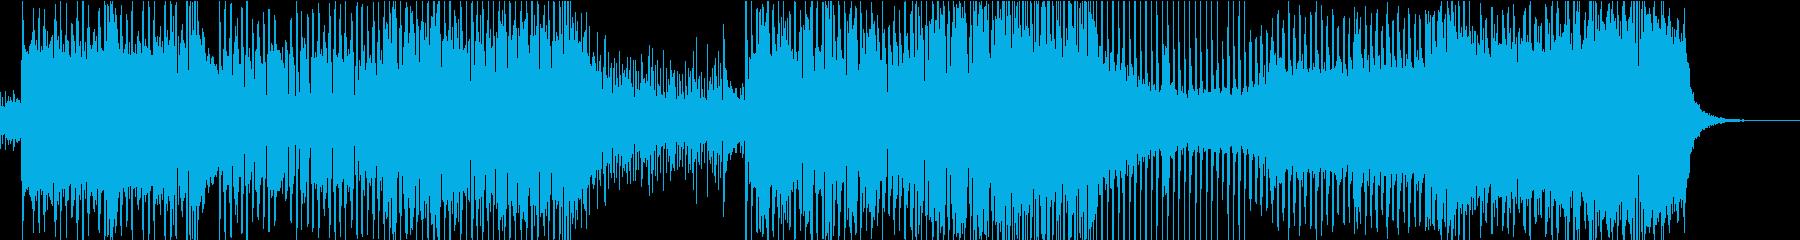 レーシングゲームのステージ的なBGMの再生済みの波形